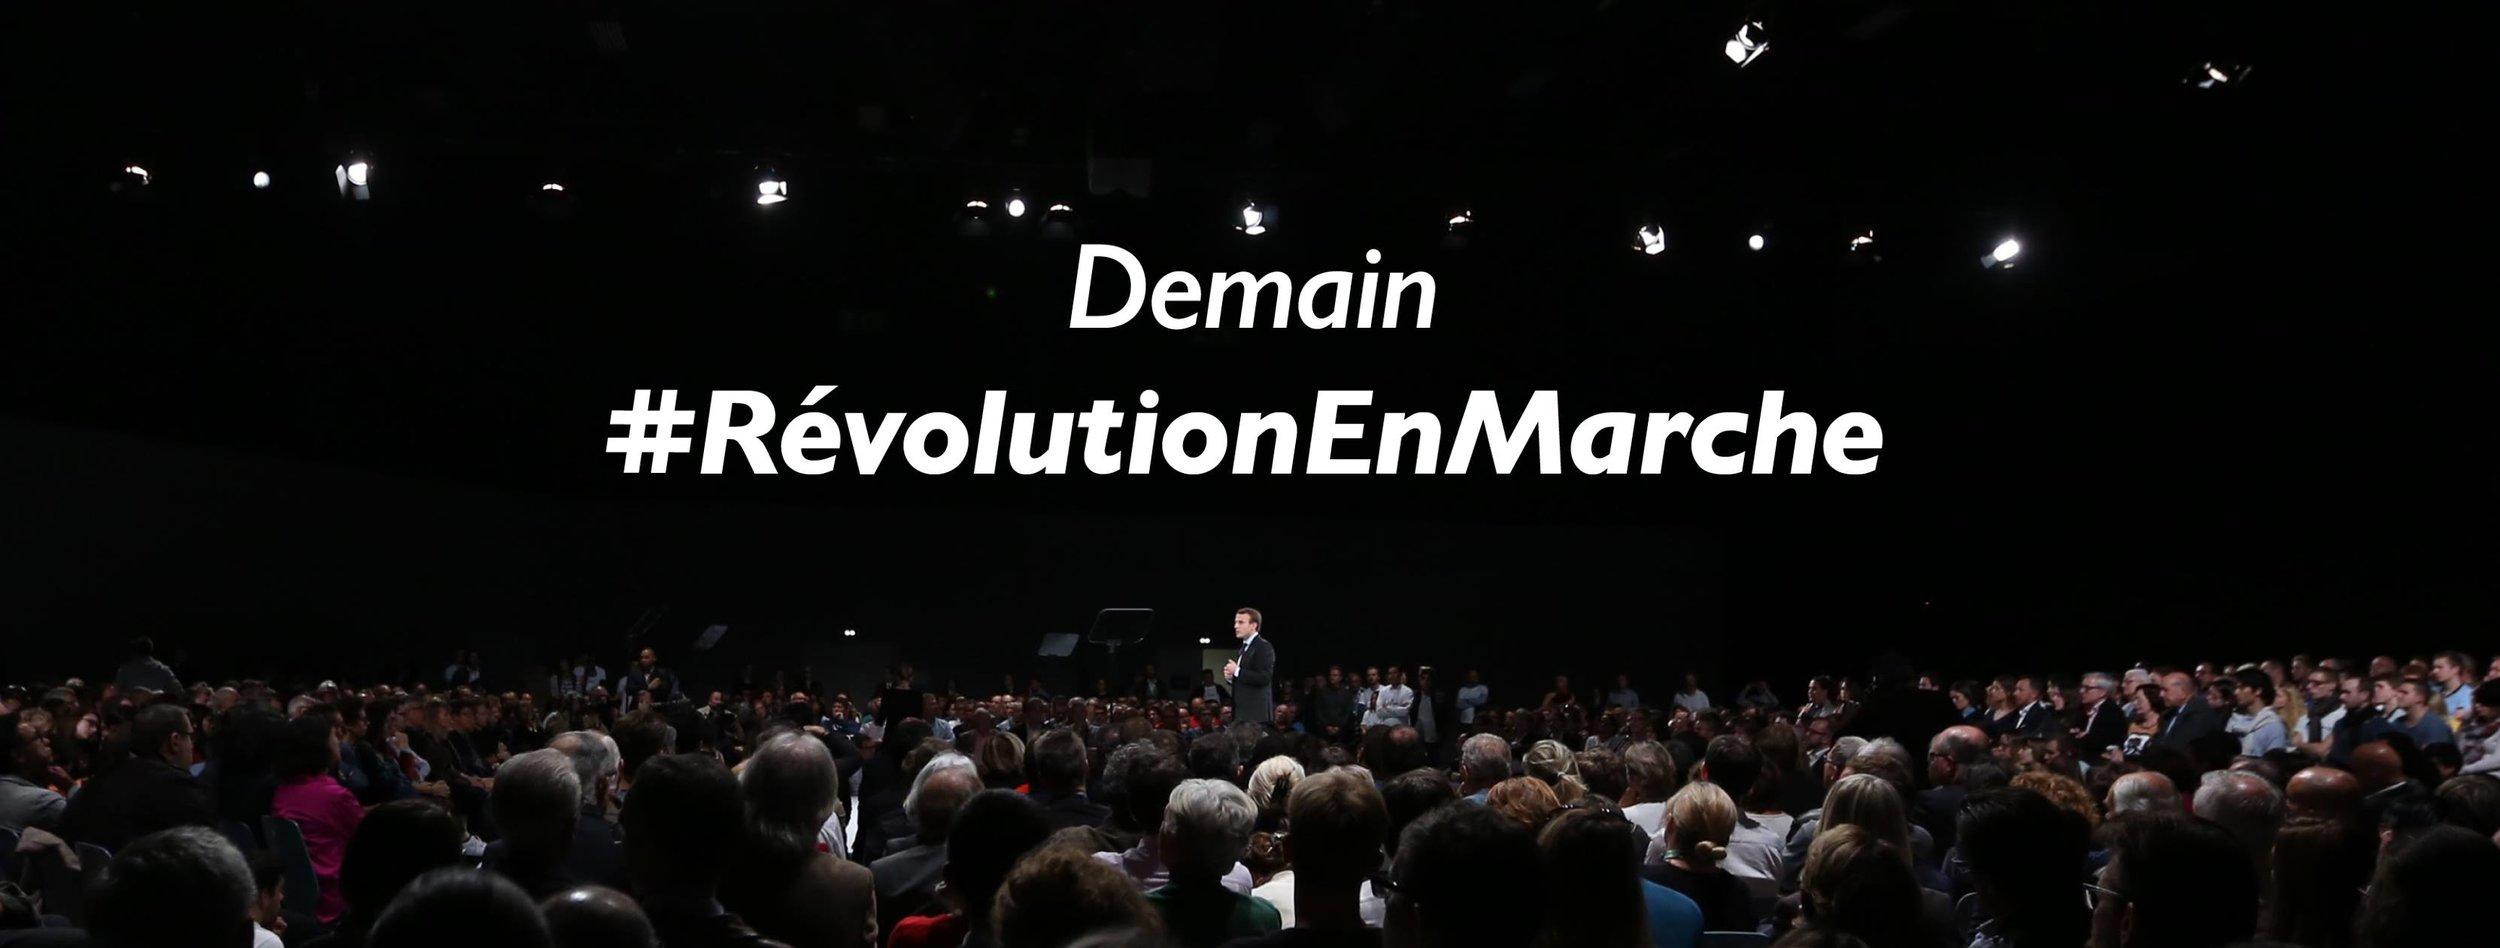 Tomorrow - #RevolutionEnMarche